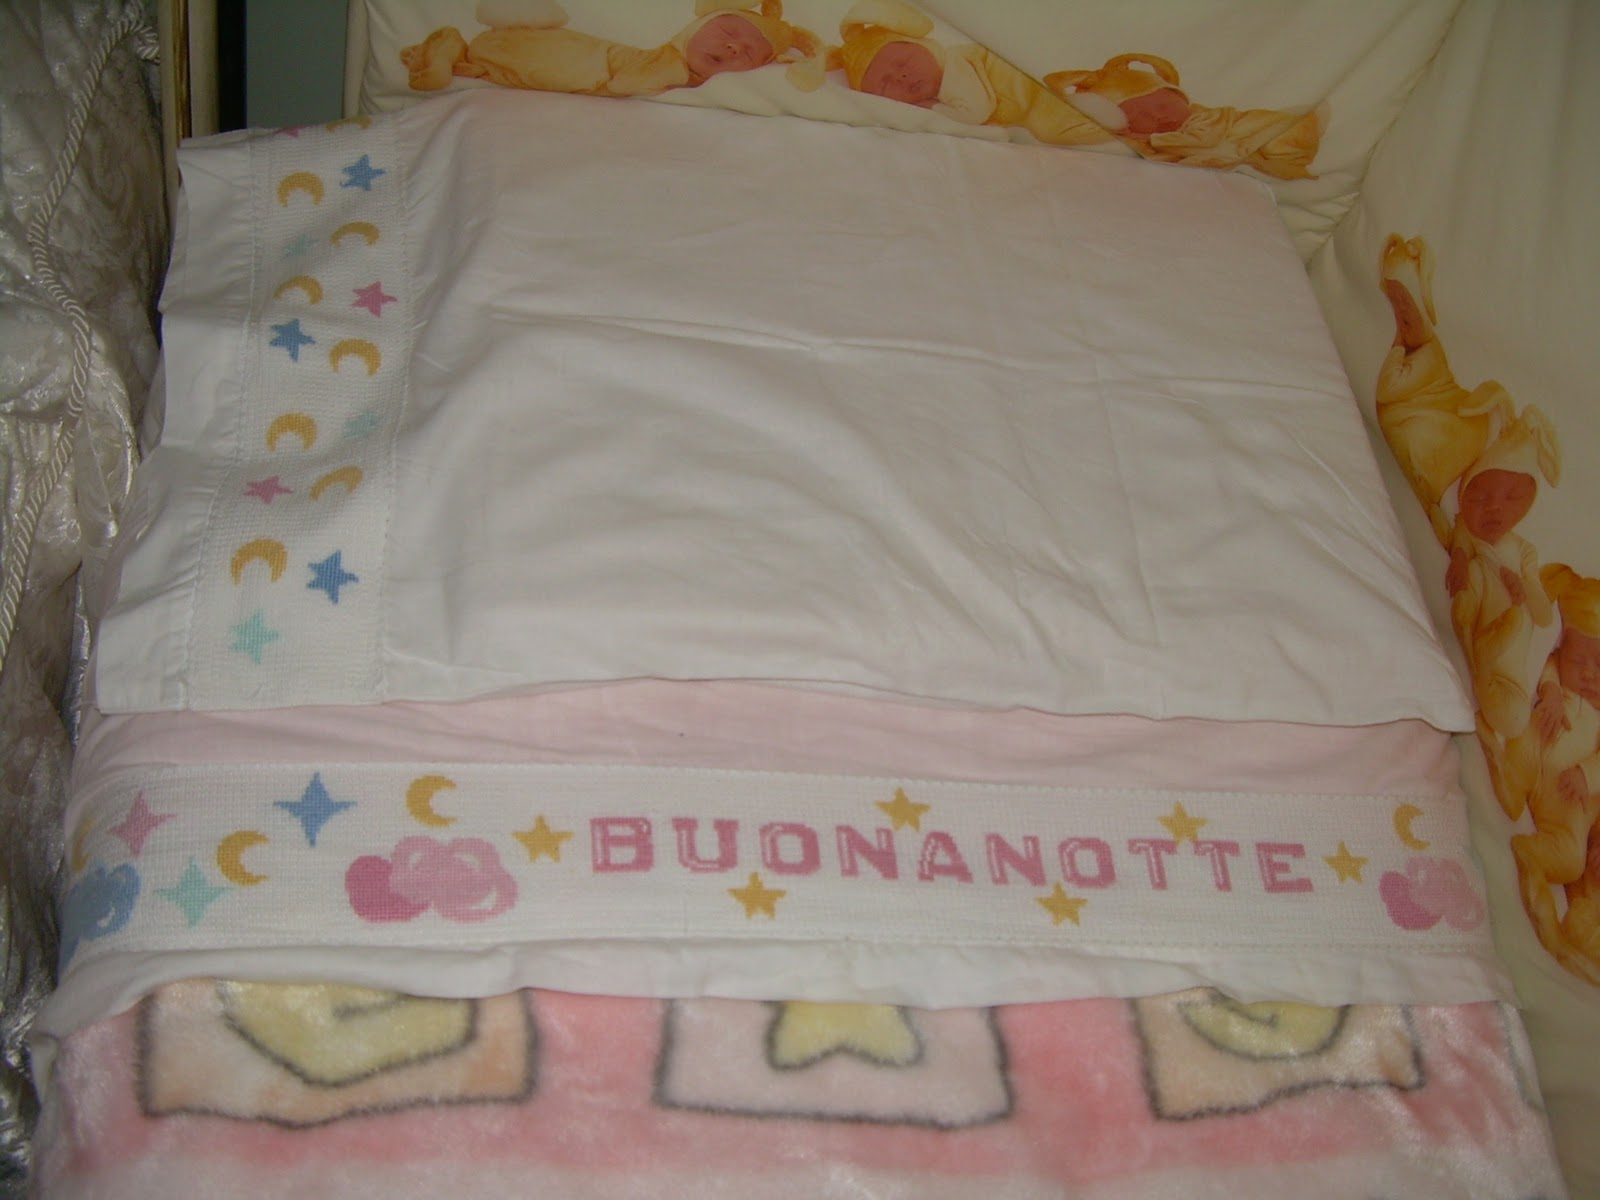 Le creazioni di chicca copertine e lenzuolini punto croce for Disegni punto croce per lenzuolini neonati